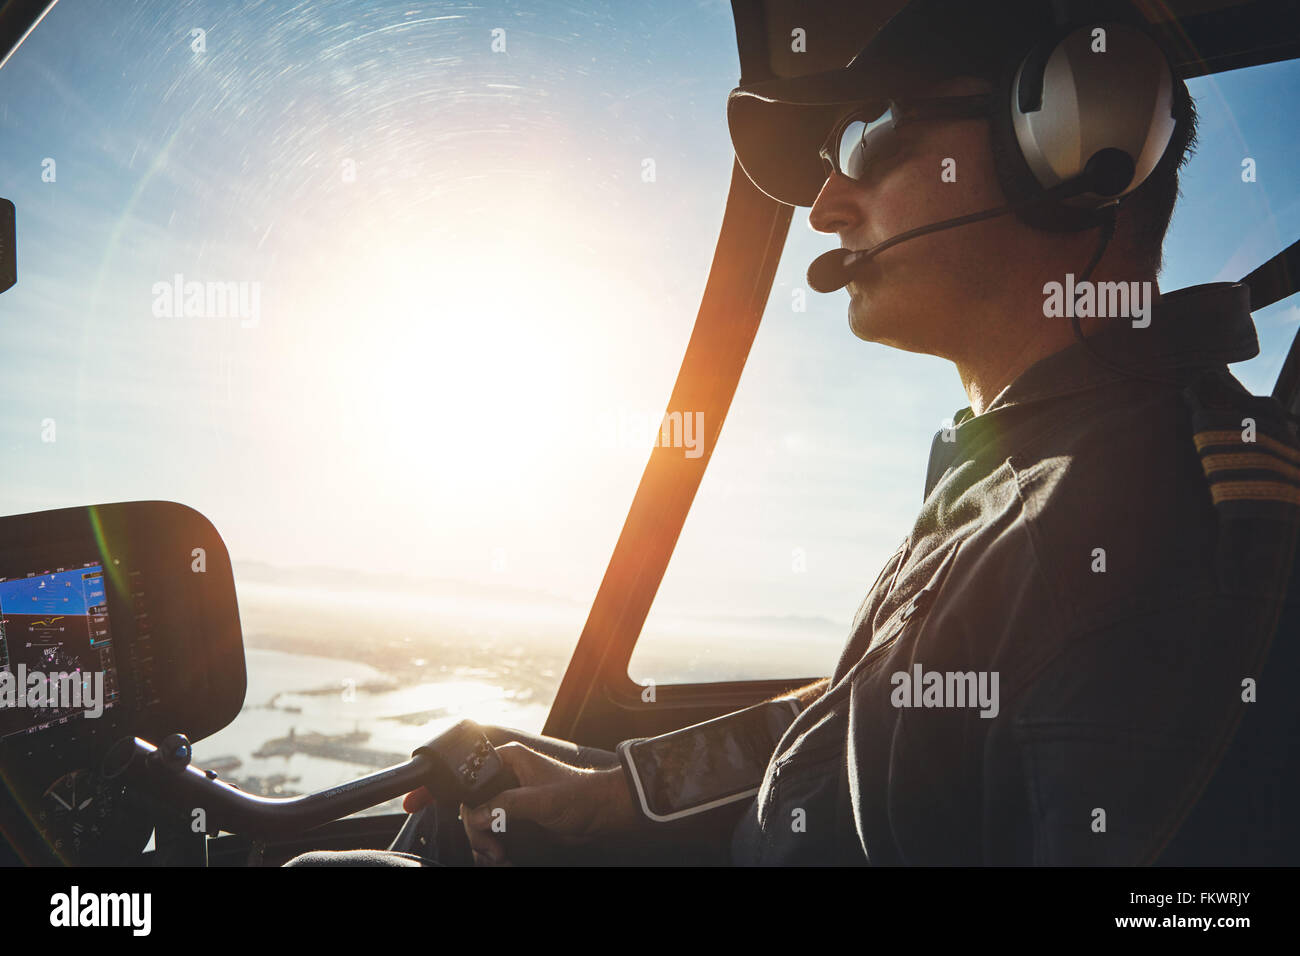 Nahaufnahme eines Piloten fliegen eines Hubschraubers mit Sonne Flare Eintritt in das Cockpit. Stockbild